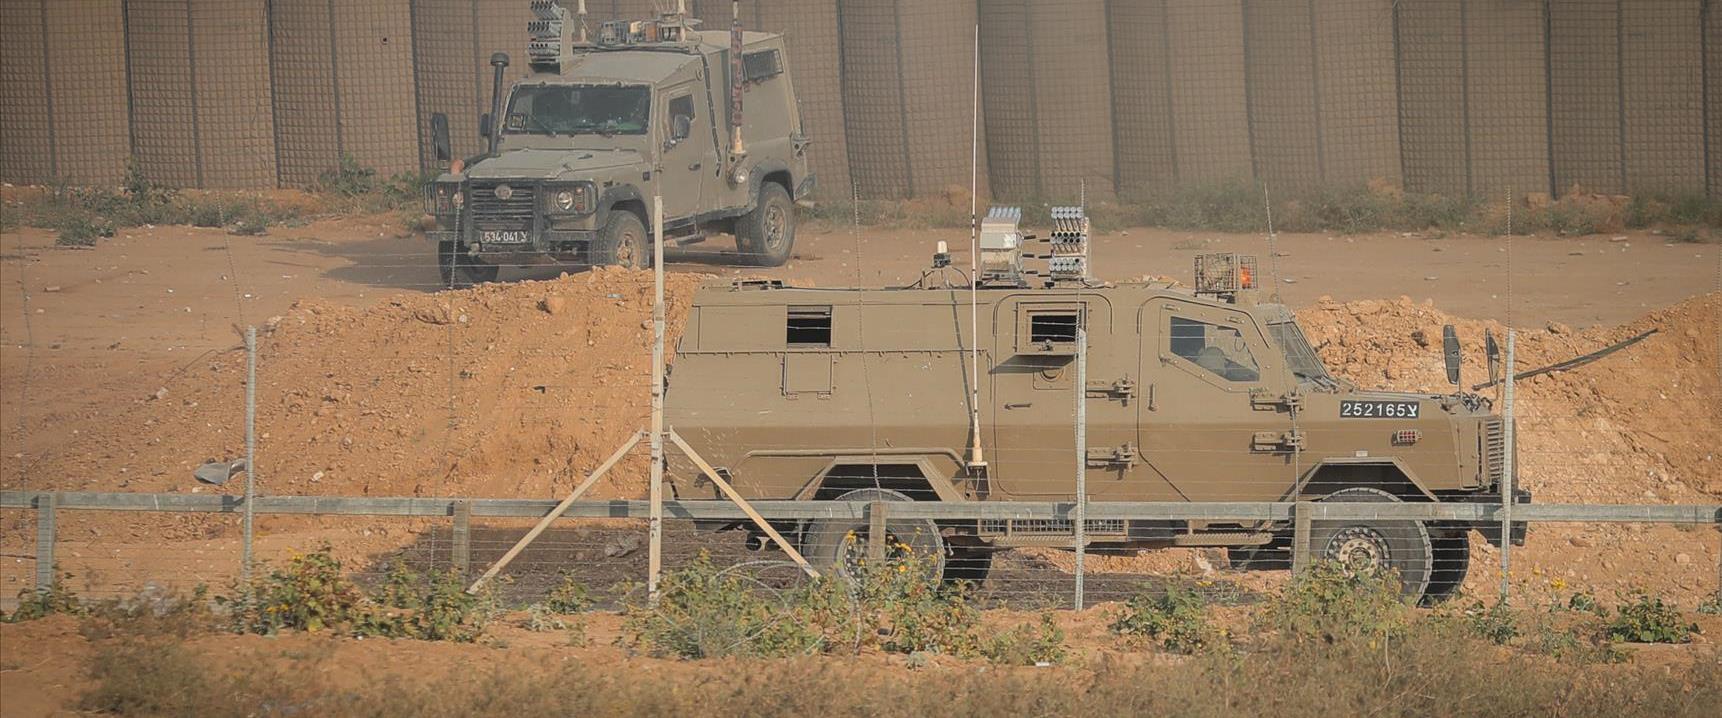 """כוחות צה""""ל בגבול עזה"""